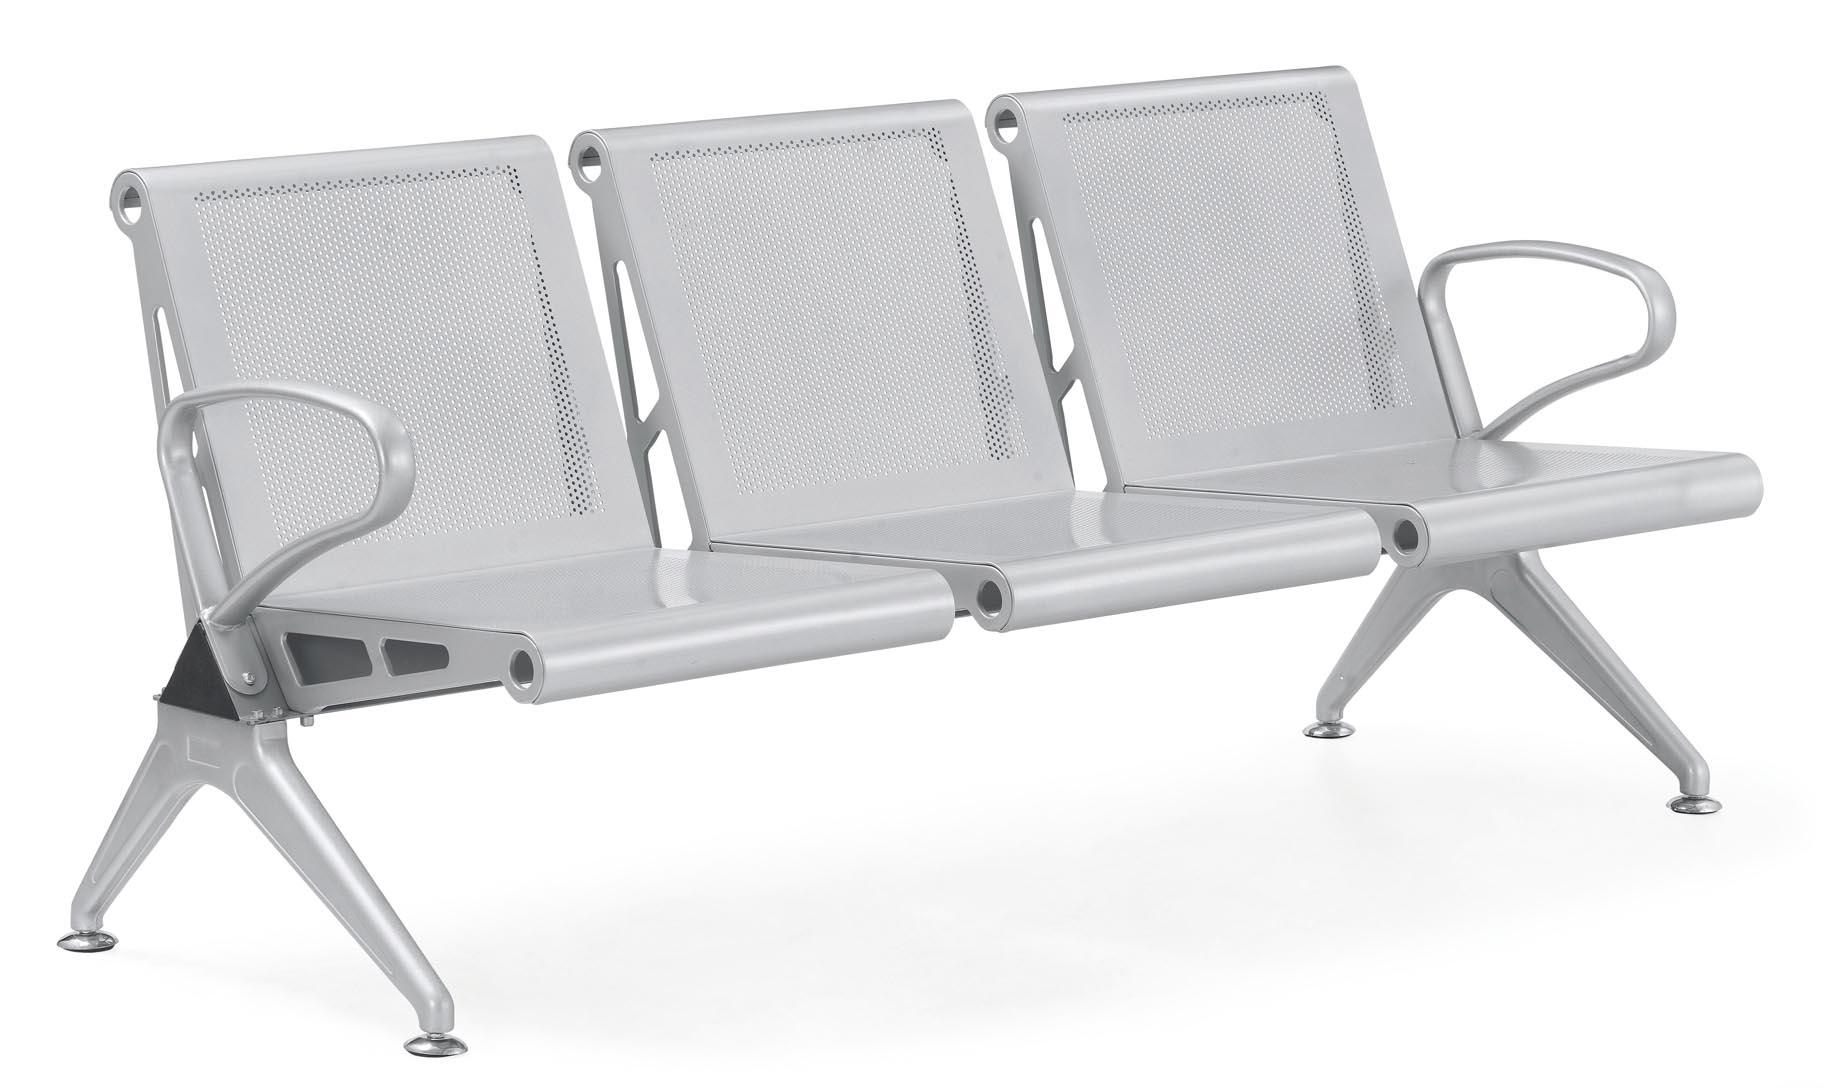 不锈钢等候椅能做化学抛光吗?